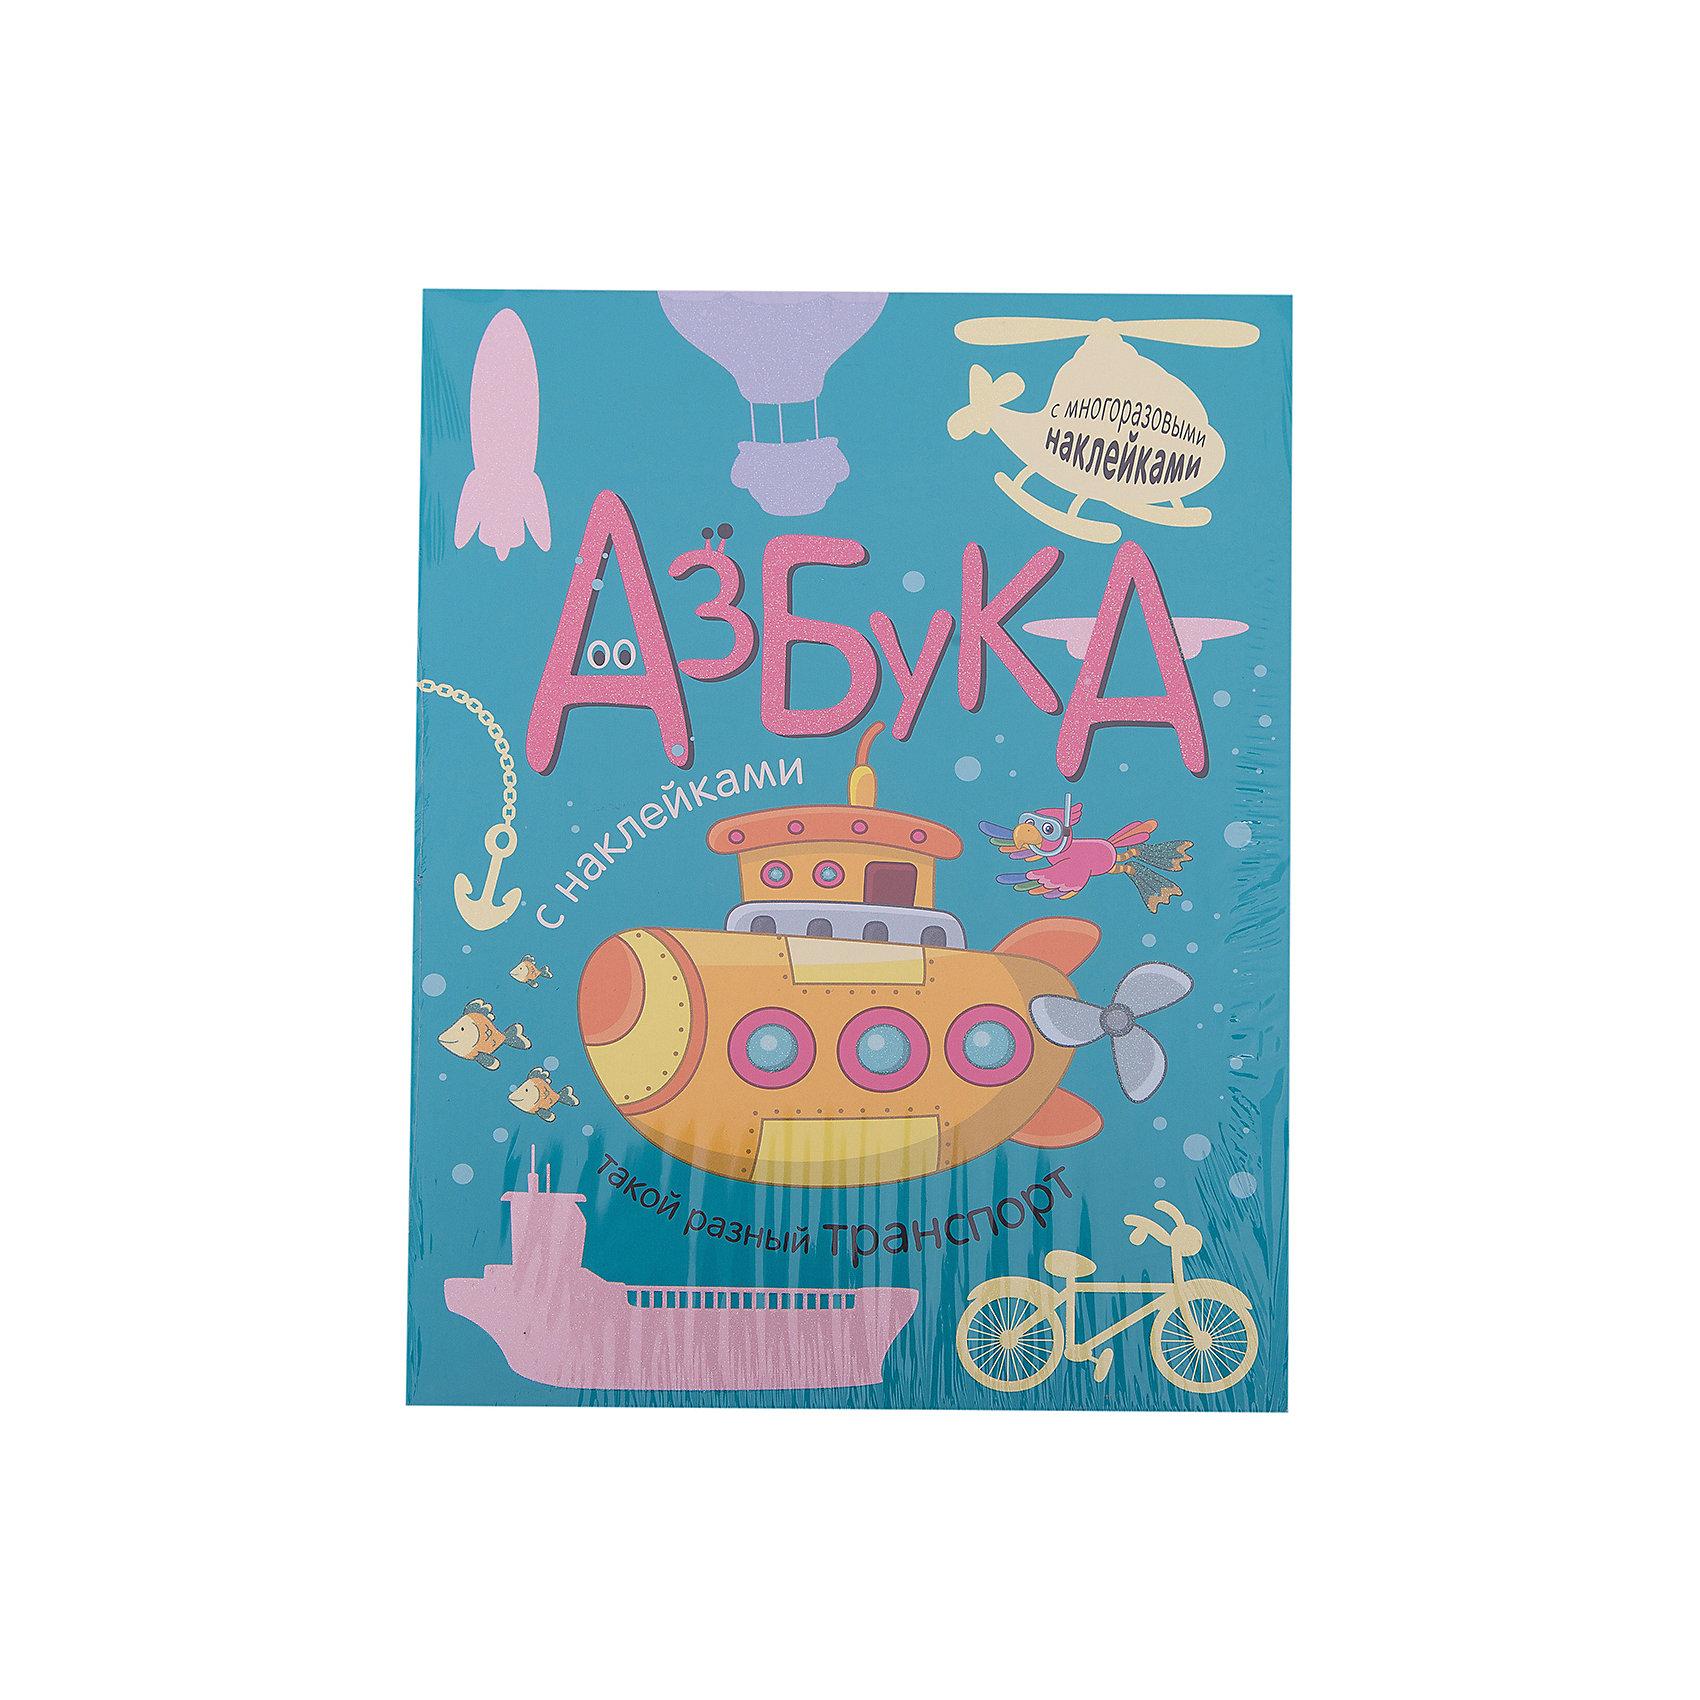 Азбука с наклейками Такой разный транспорт, Мозаика-СинтезАзбука с наклейками Такой разный транспорт, Мозаика-Синтез<br><br>Характеристики:<br><br>• Издательство: МОЗАИКА-СИНТЕЗ<br>• ISBN: 978-5-43150-972-8<br>• Тип: книга с многоразовыми наклейками.<br>• Раздел знаний: ознакомление с окружающим миром.<br>• Возраст: 3-5 лет.<br>• Размер книги: 290х215х40мм.<br>• Количество страниц: 32.<br><br>С замечательной азбукой «Такой разный транспорт» Ваш ребенок не только выучит алфавит, но и познакомится с различными видами транспорта. Запомнить все буквы ему помогут яркие иллюстрации, веселые стихотворения и увлекательные задания с наклейками. Каждой букве посвящена отдельная страница. <br><br>Ребенку предстоит прослушать забавное стихотворение и рассмотреть красочный рисунок, который нужно дополнить, отыскав картинки на соответствующую букву среди наклеек. Кстати, наклейки в книге многоразовые, поэтому малыш может смело экспериментировать, не боясь ошибиться.<br><br>Азбуку с наклейками Такой разный транспорт, Мозаика-Синтез, можно купить в нашем интернет – магазине.<br><br>Ширина мм: 2<br>Глубина мм: 215<br>Высота мм: 290<br>Вес г: 175<br>Возраст от месяцев: 36<br>Возраст до месяцев: 60<br>Пол: Унисекс<br>Возраст: Детский<br>SKU: 5428889